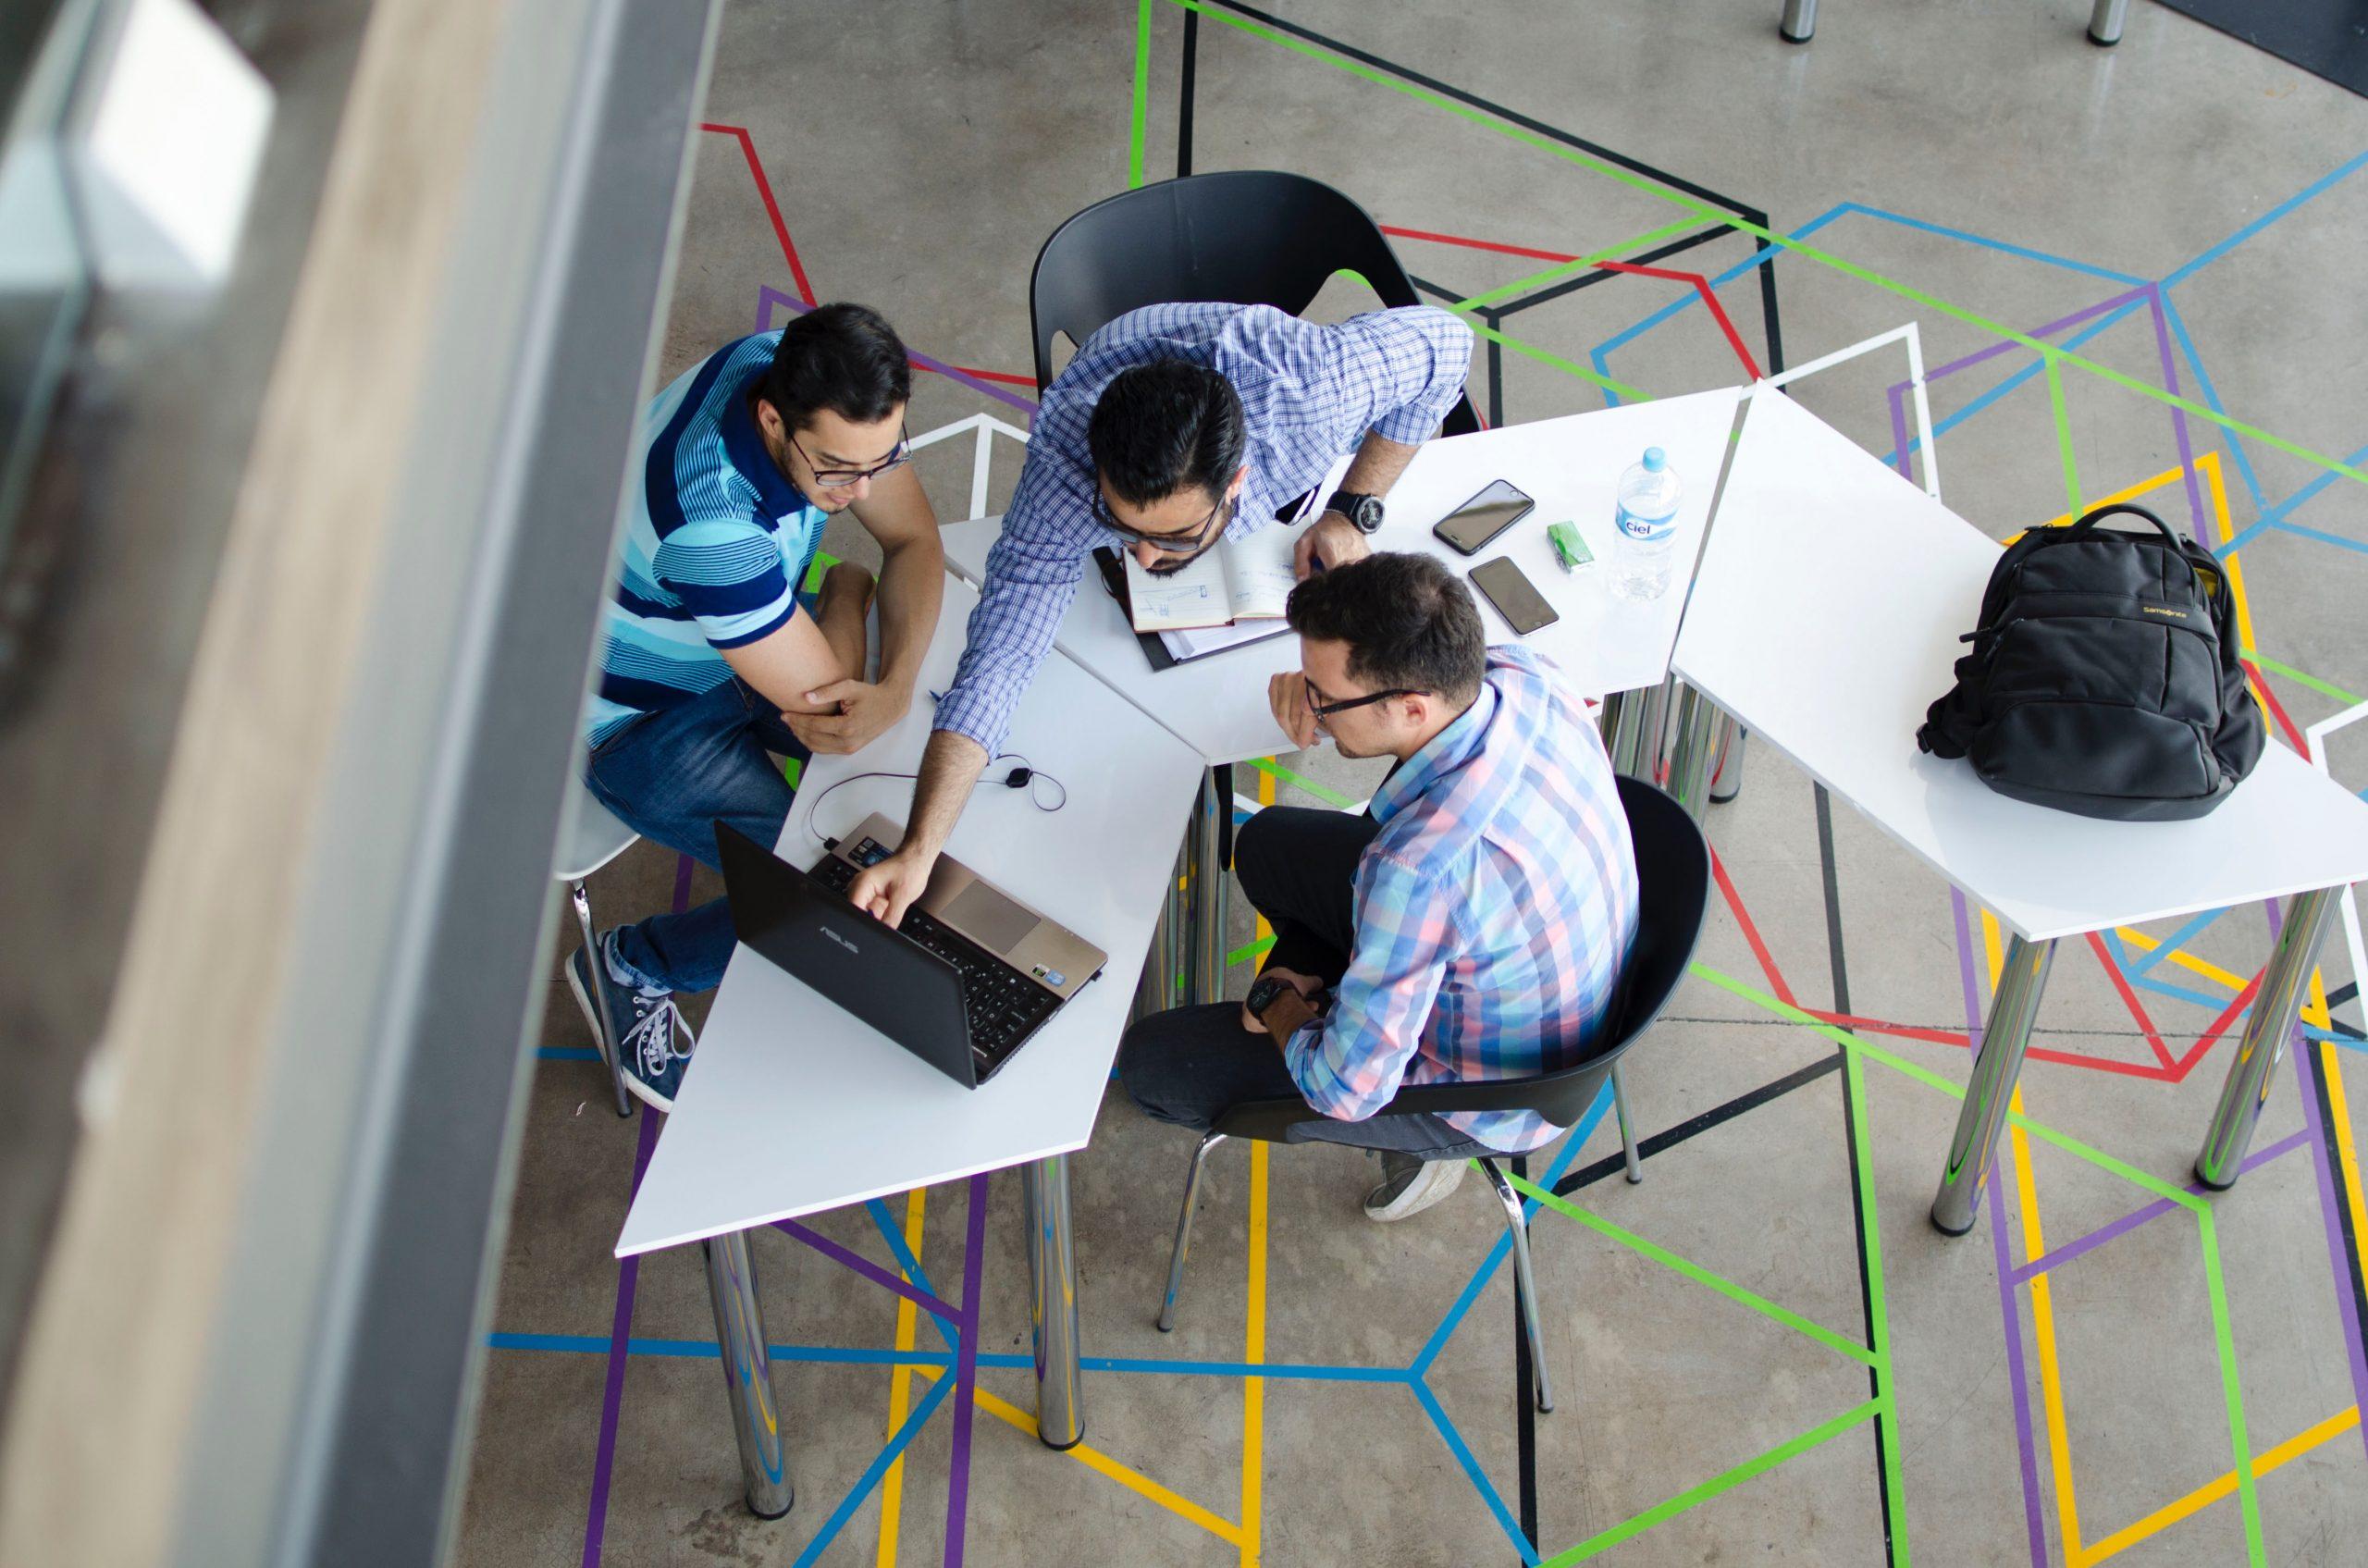 espacio-de-trabajo-enfocado-al-bienestar-de-los-empleados